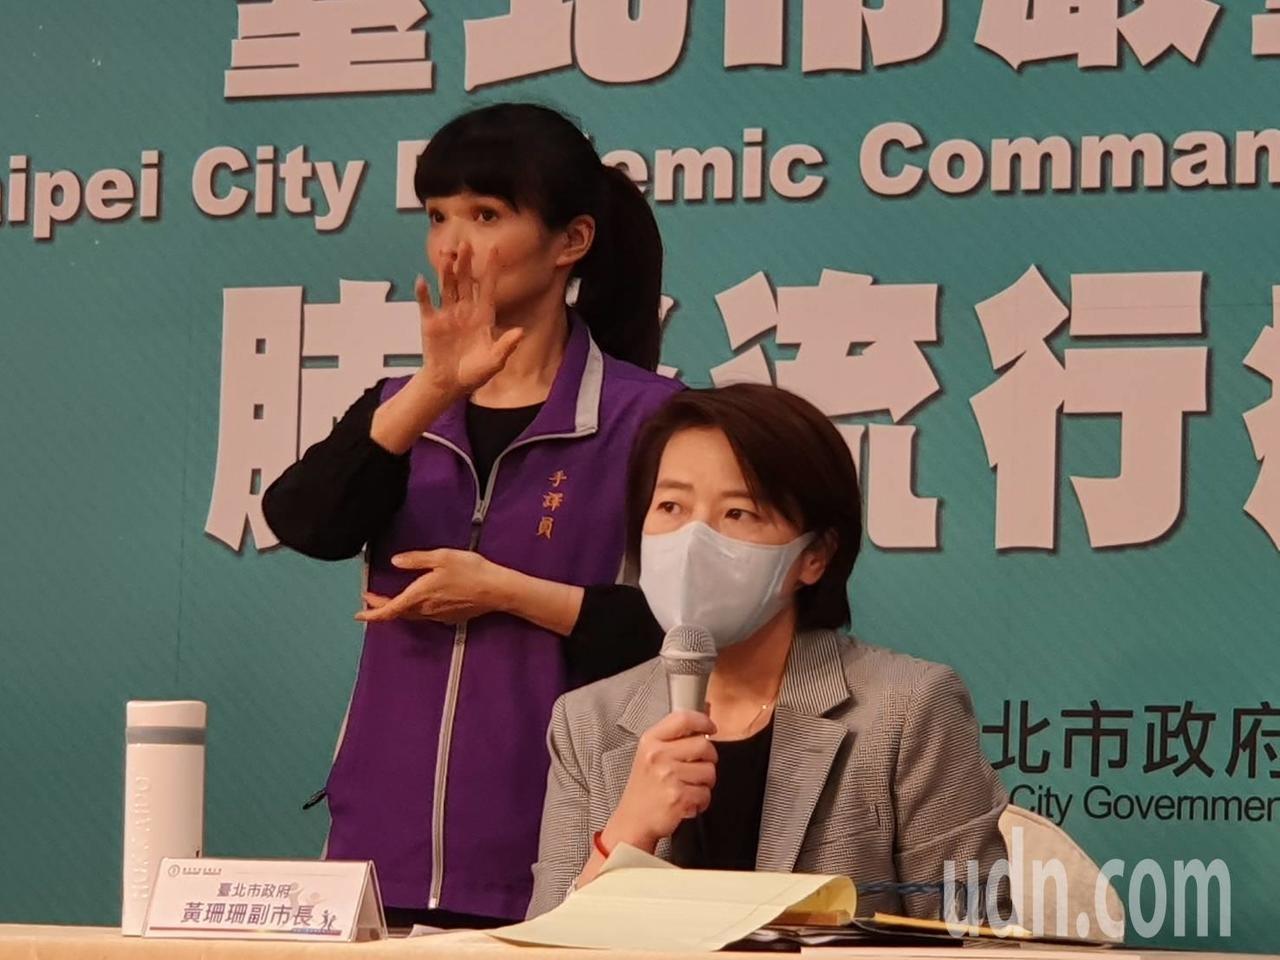 台北市副市長黃珊珊上午在疫情會議結束後公布兩項紓困新方案。記者楊正海/攝影